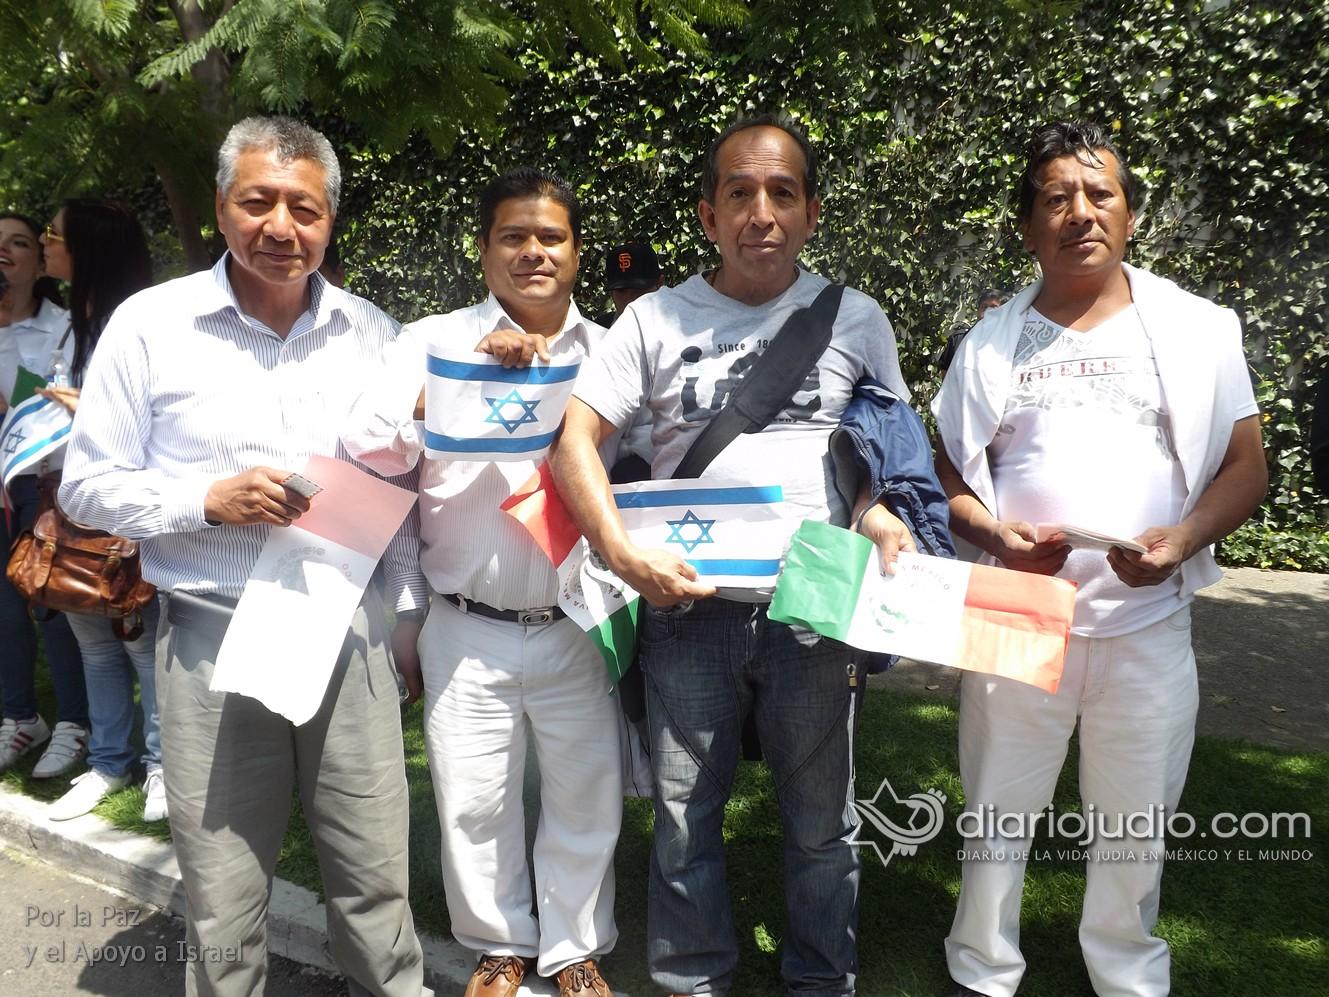 Mensaje desde el Ejército de Israel a los manifestantes en apoyo de la paz en México